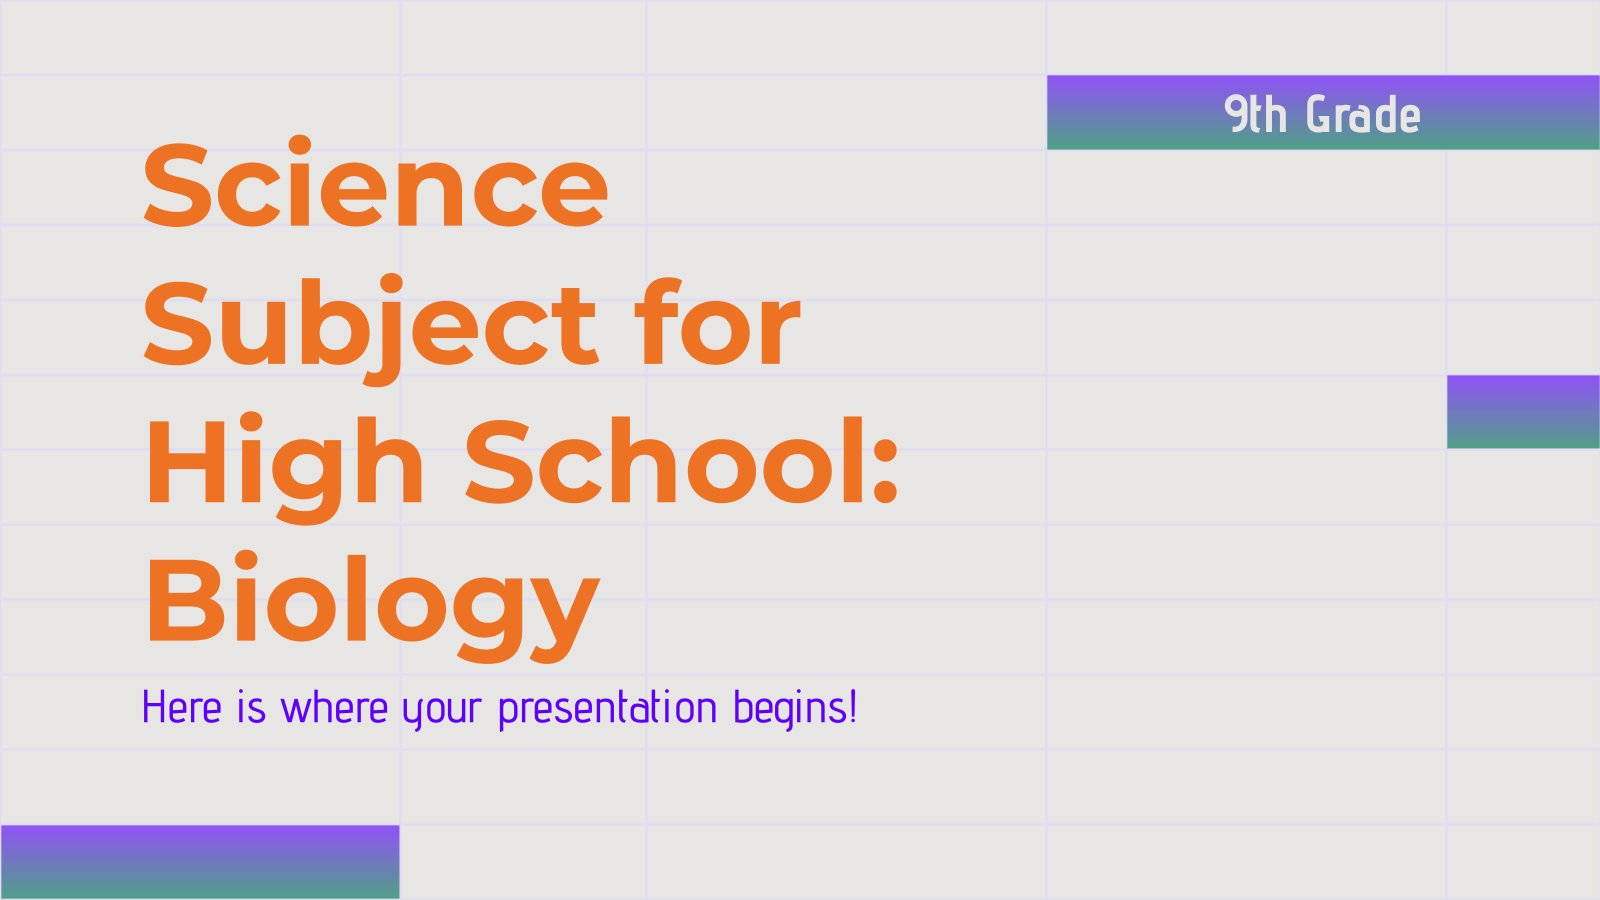 Naturwissenschaft für die 9. Klasse: Biologie Präsentationsvorlage